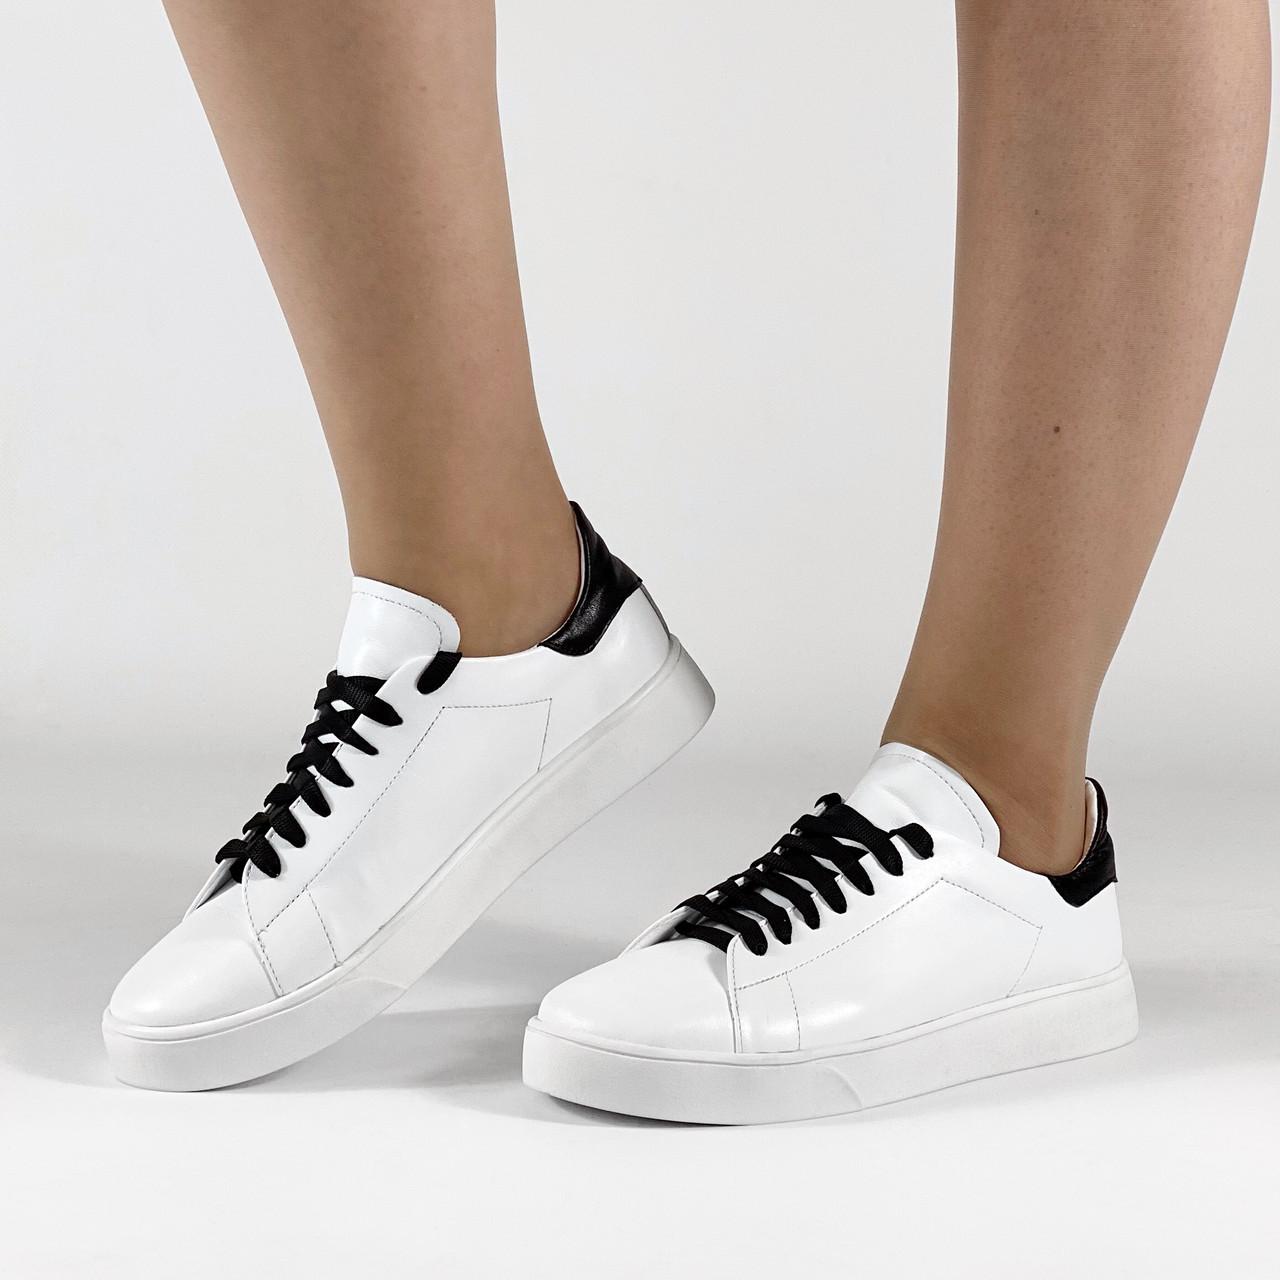 Кеди жіночі шкіряні білі з чорною вставочкою MORENTO